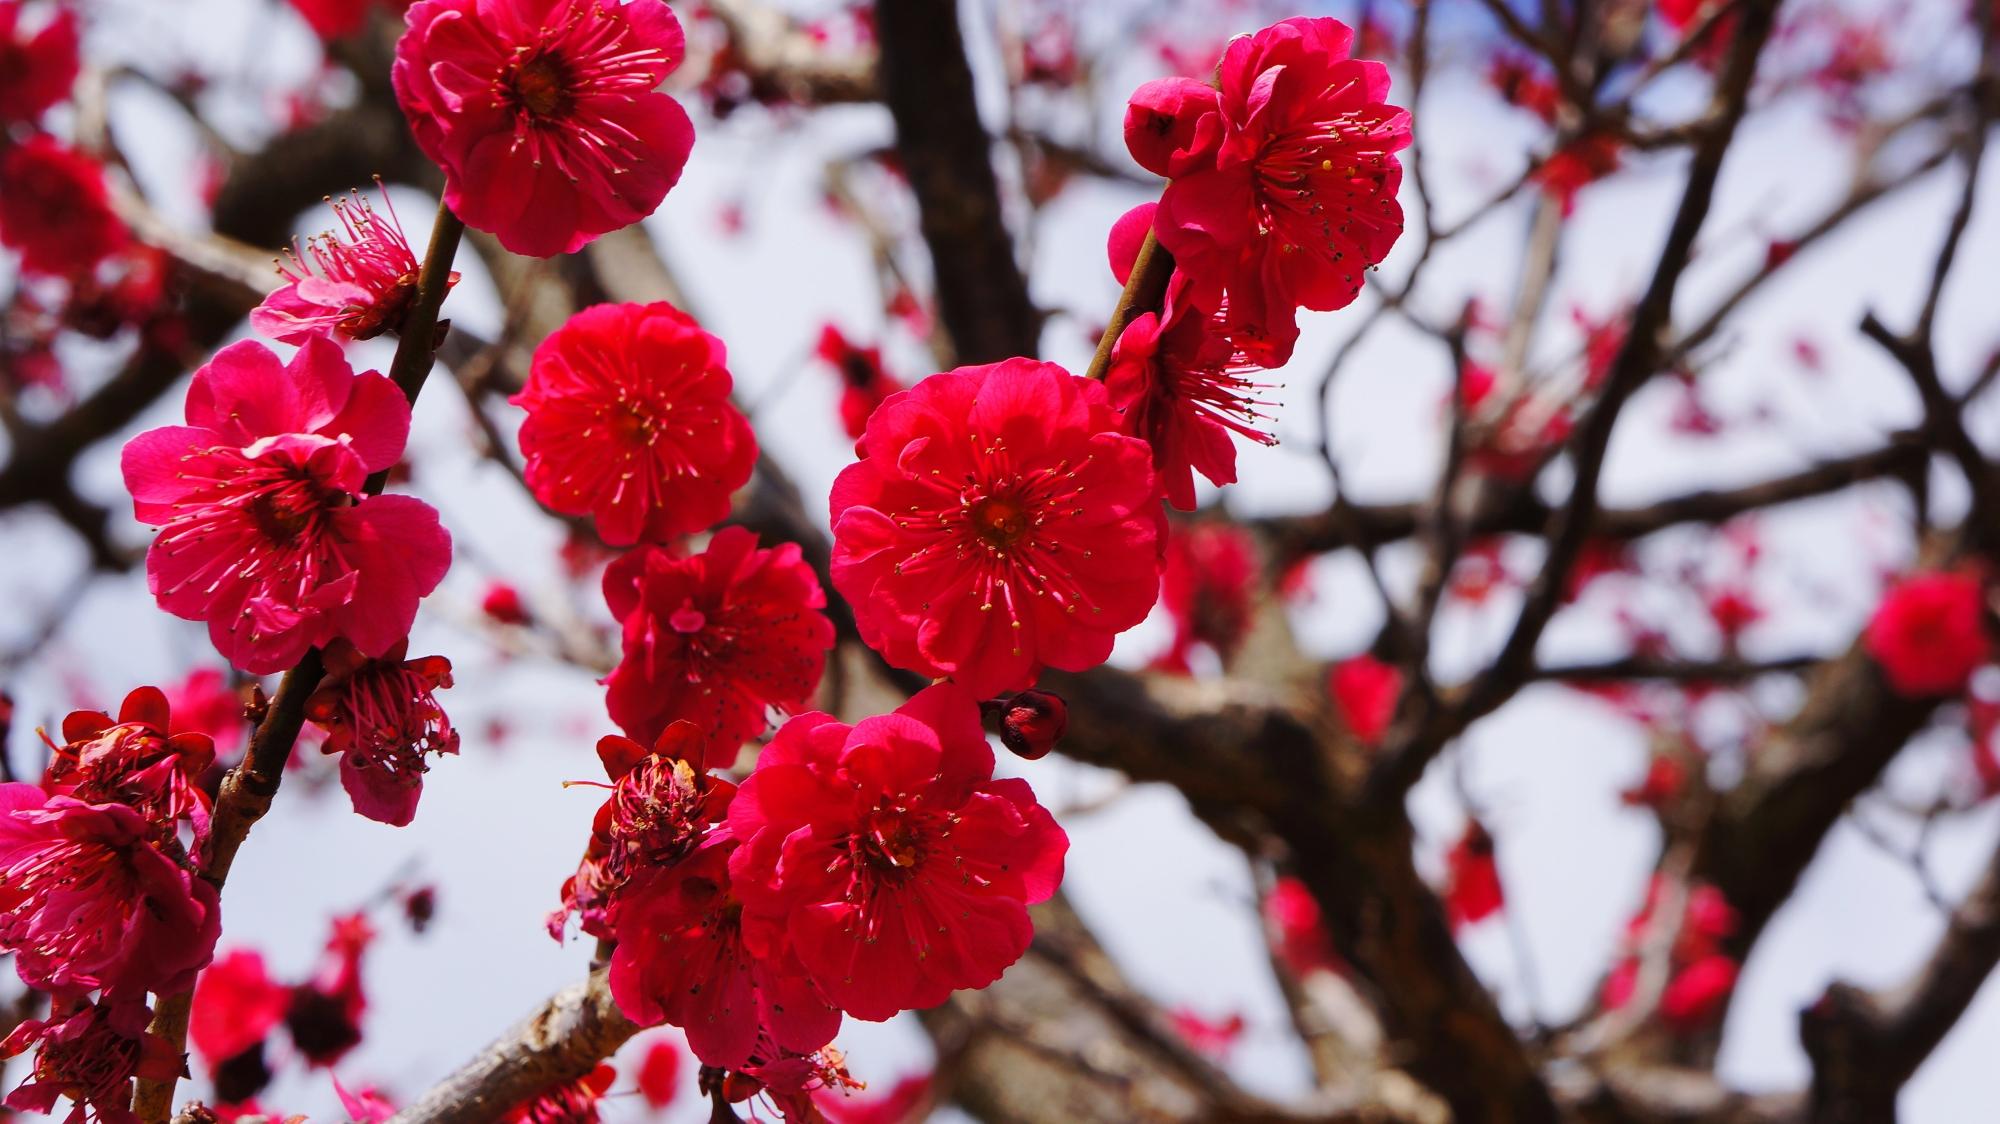 見ごろの赤に近い濃いビビッドなピンクの梅の花